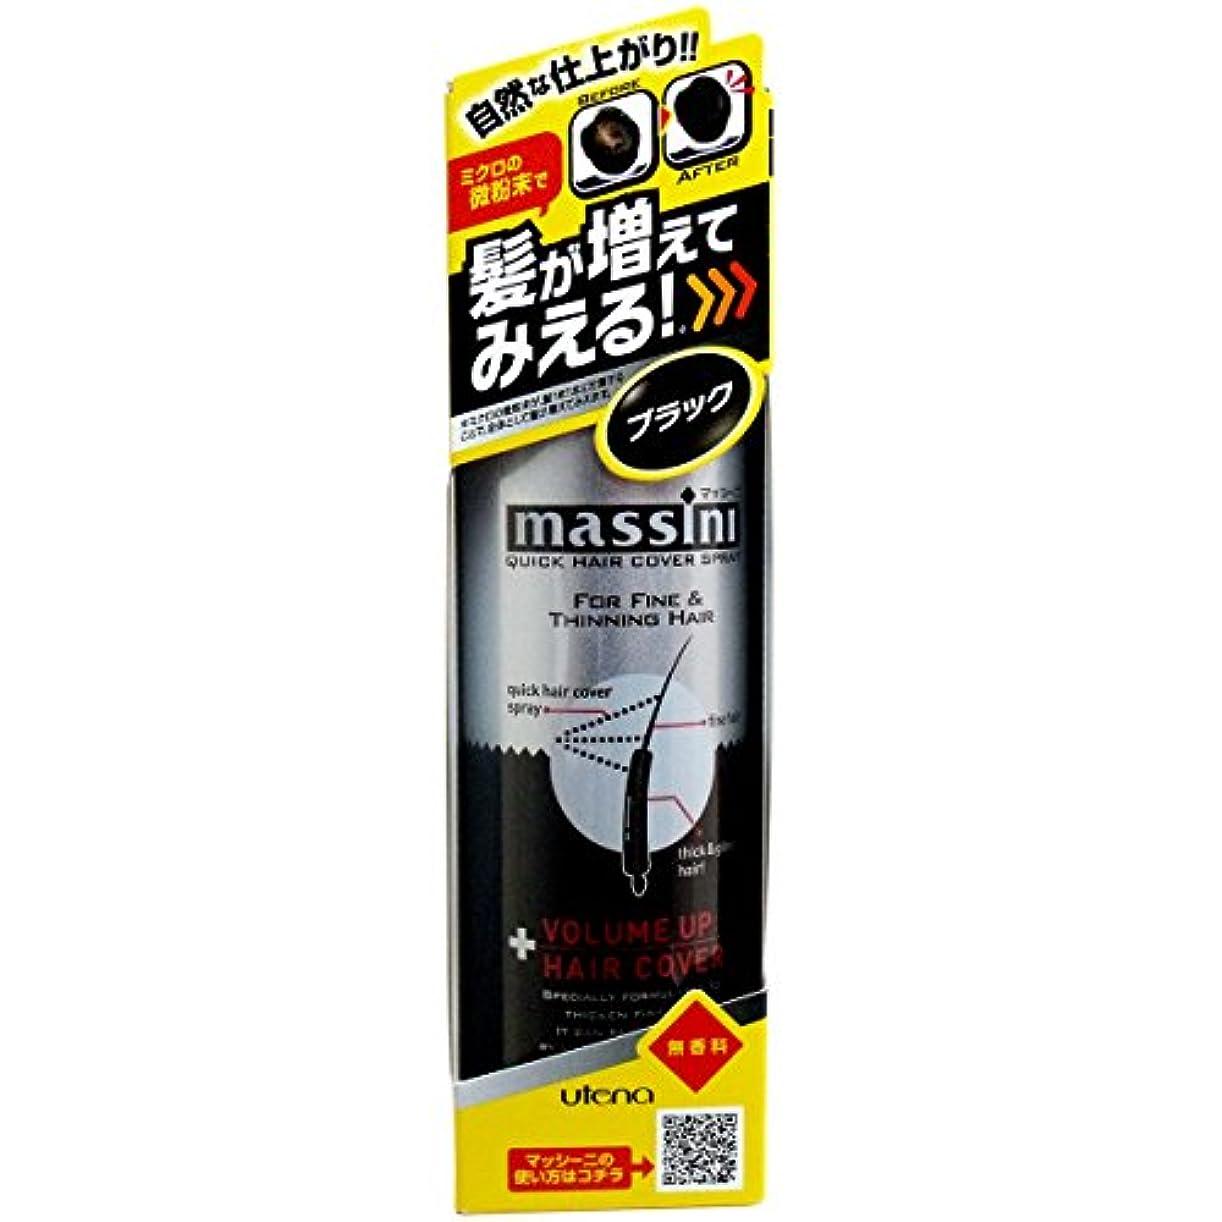 オーガニック放映重々しい【ウテナ】マッシーニ クィックヘアカバースプレー(ブラック) 140g ×10個セット